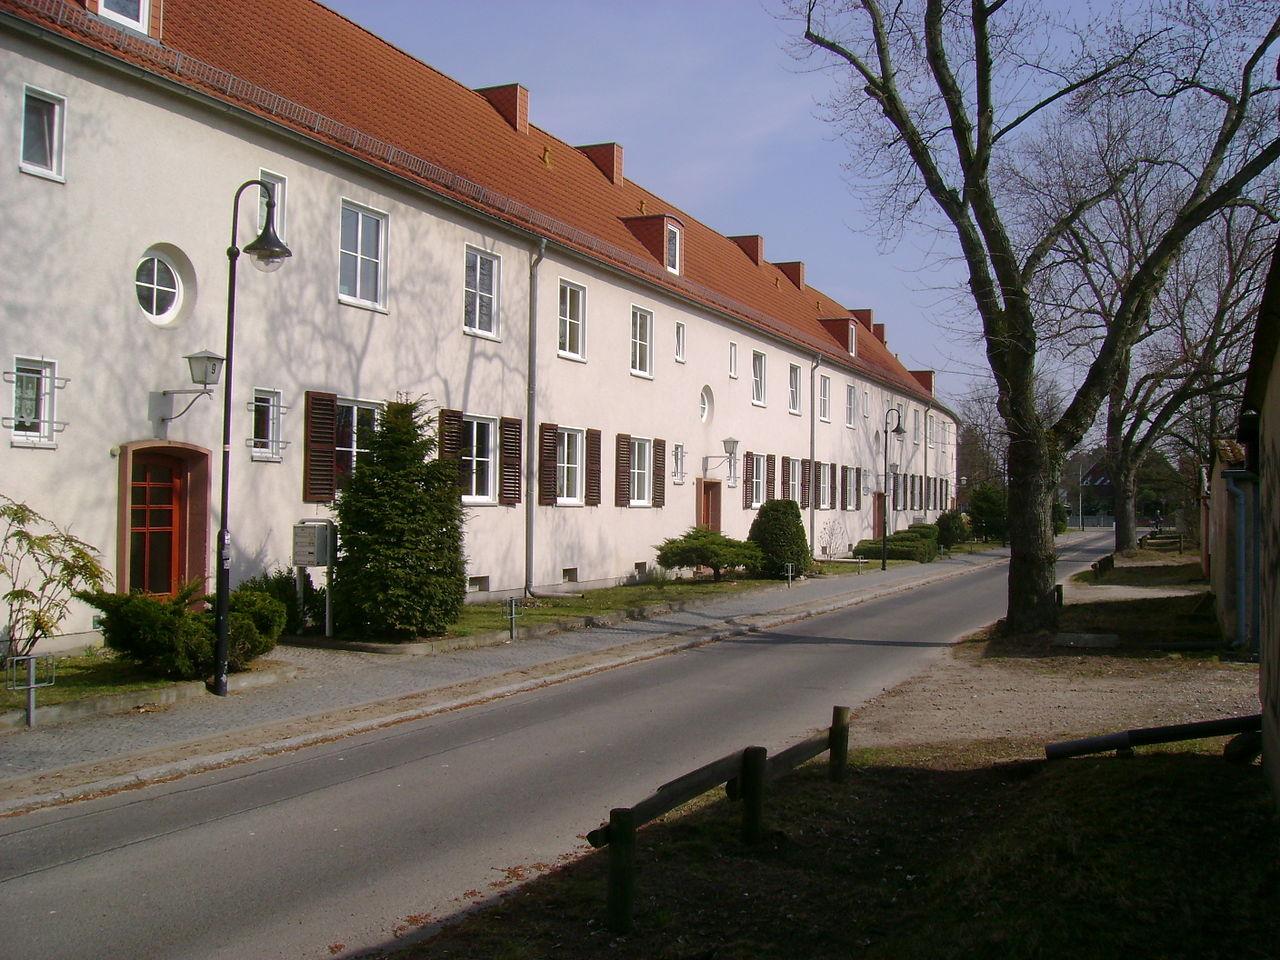 военный городок ораниенбург фото